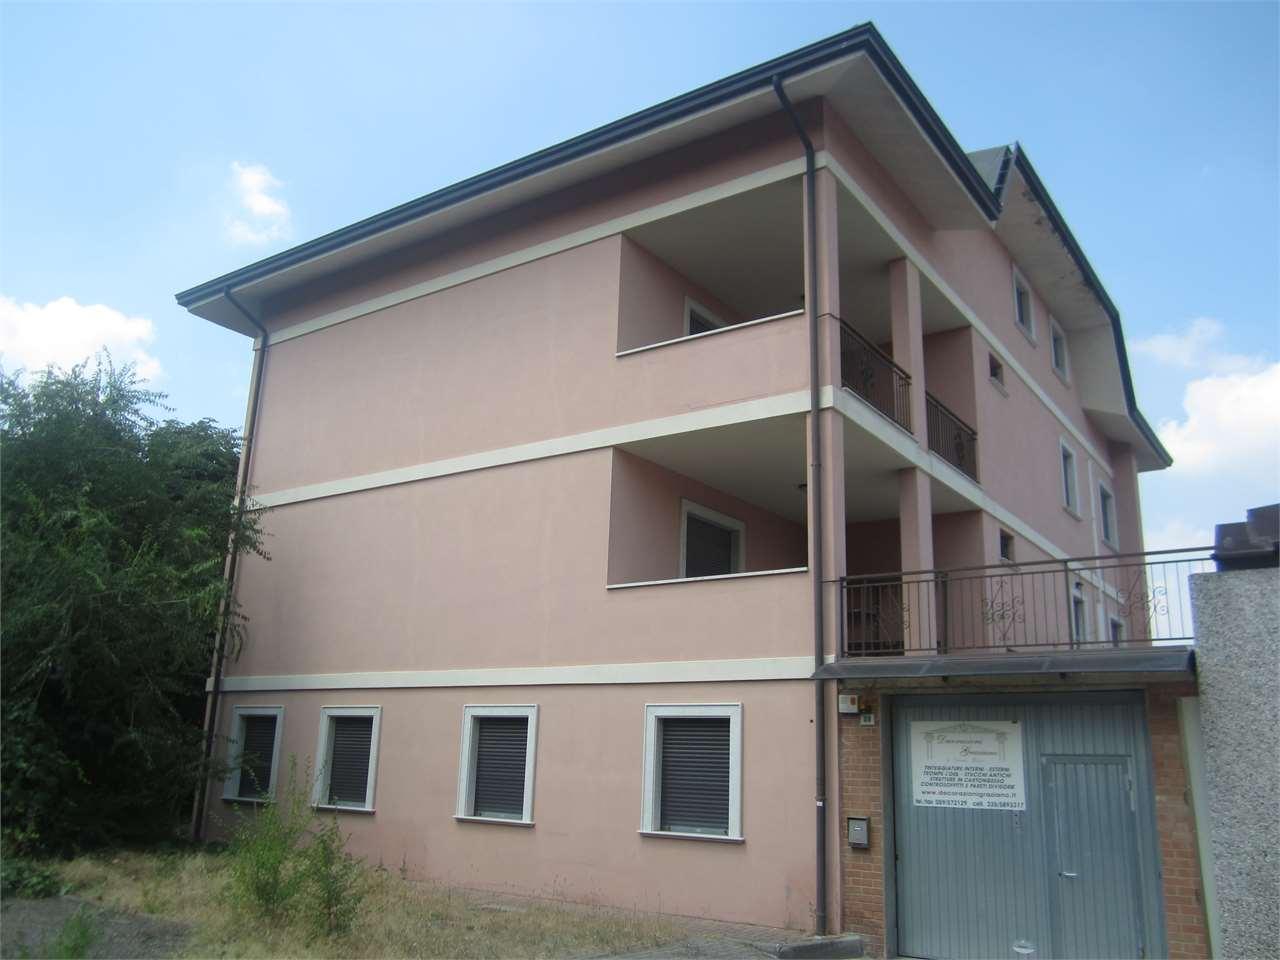 Vendita studio/ufficio Modena